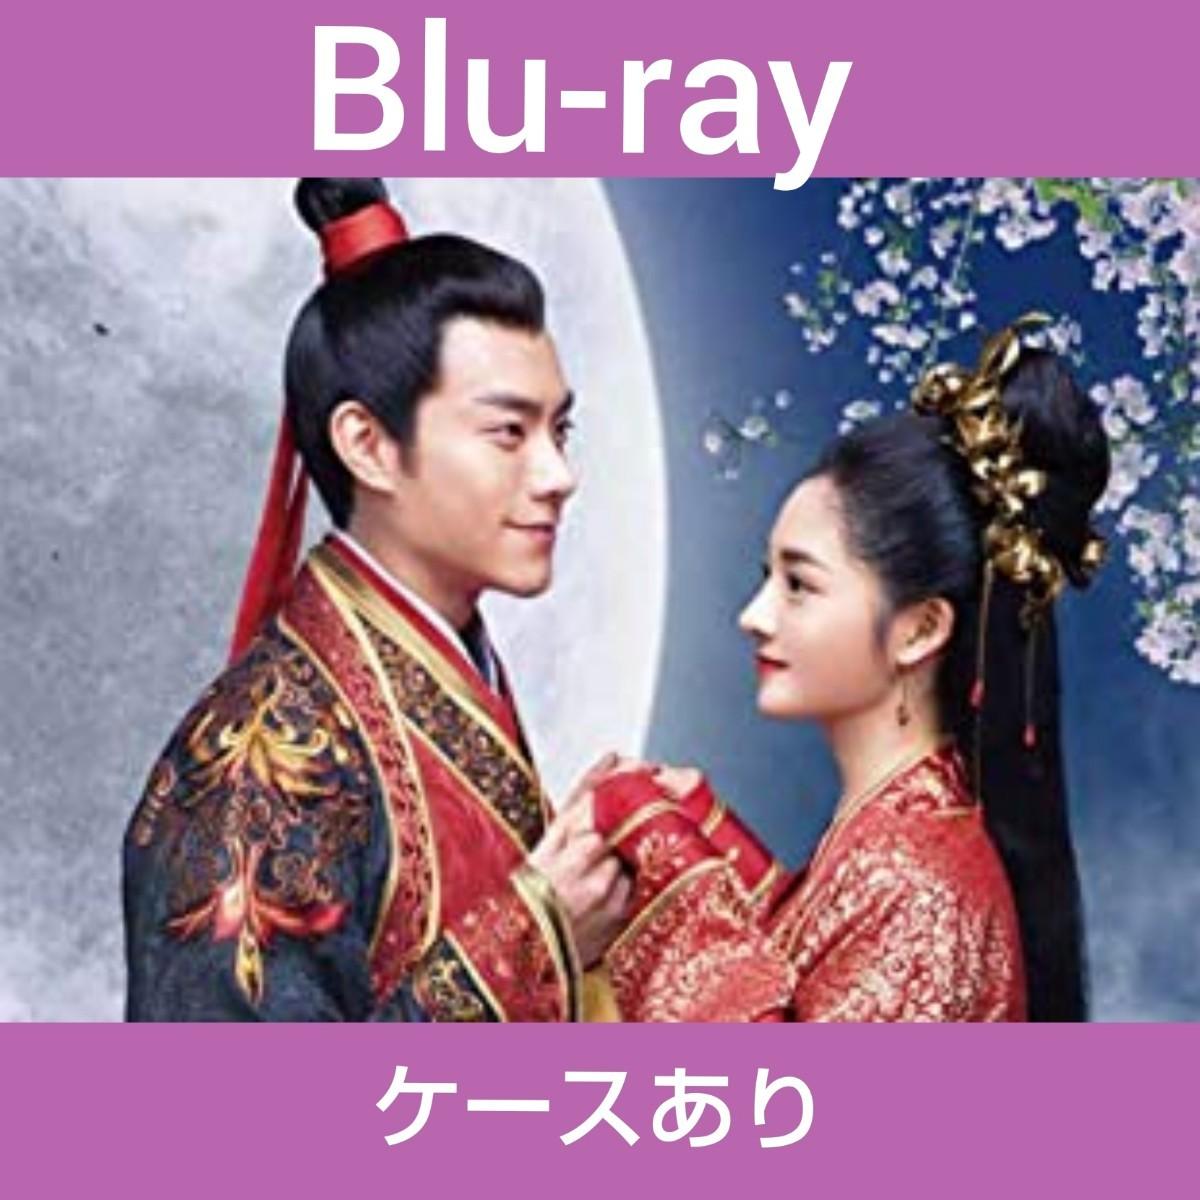 中国ドラマ 大唐女法医 全話 Blu-ray